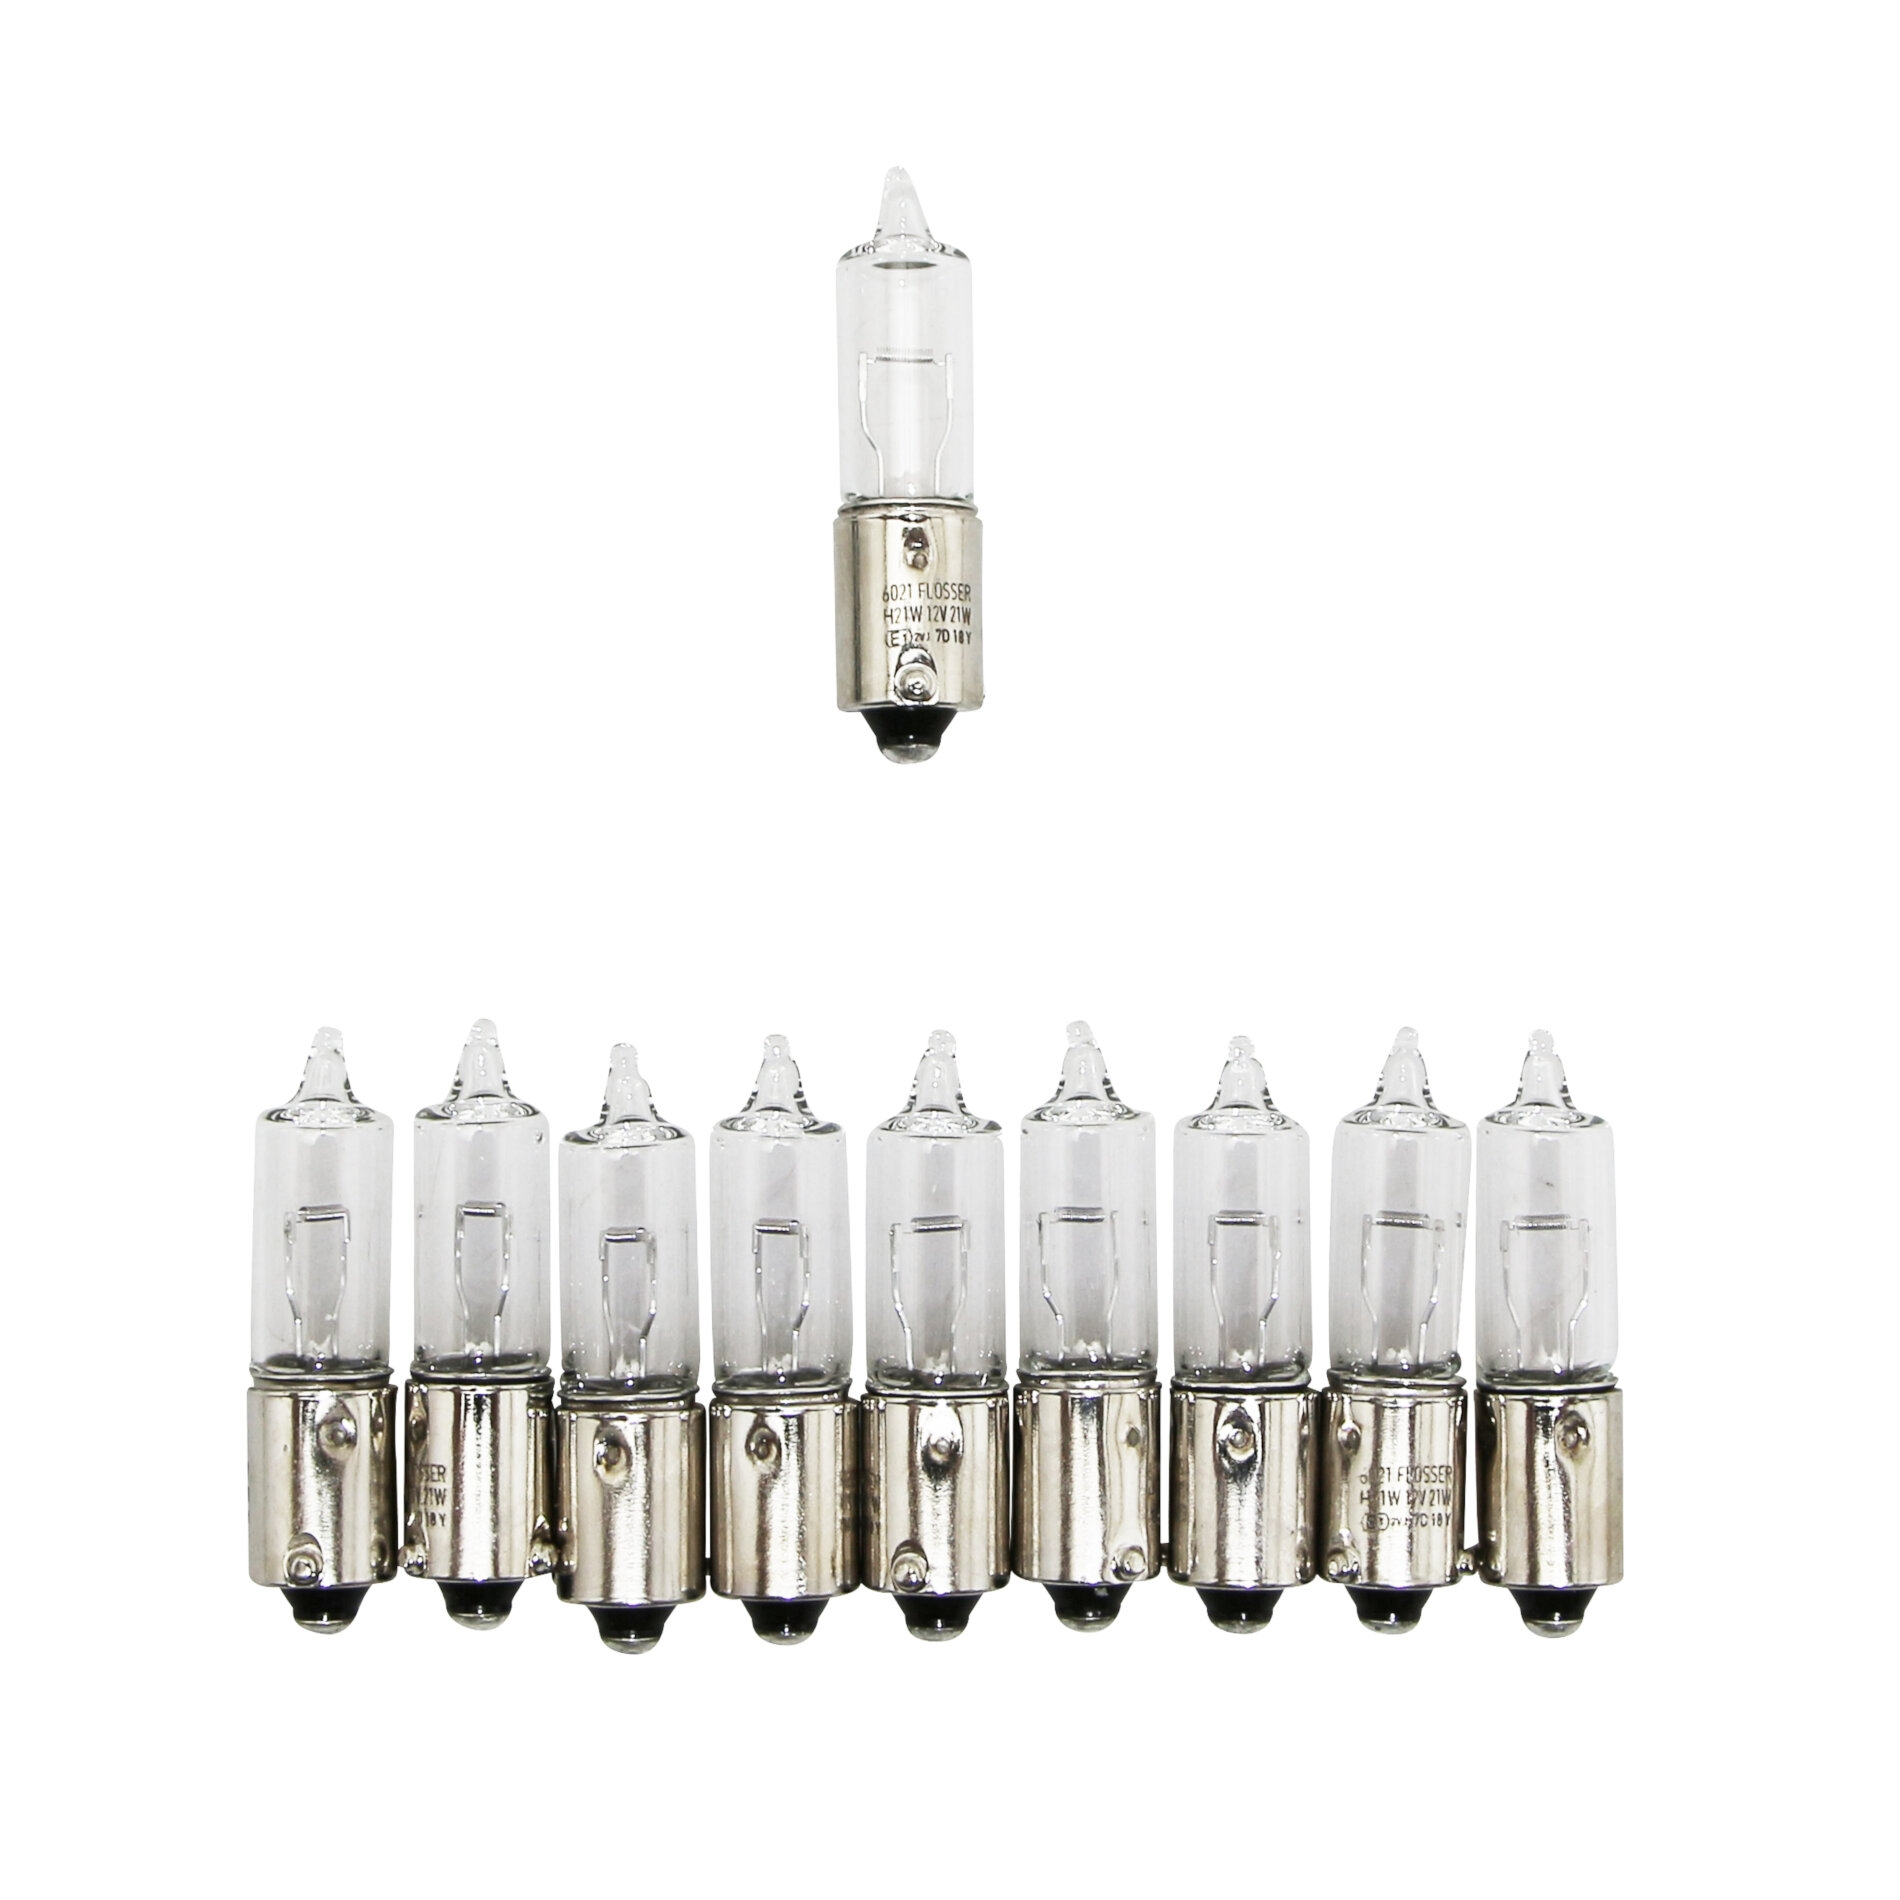 Ampoules Flosser 12V 21W H21 culot BAY9S avec ergots décalés blanches